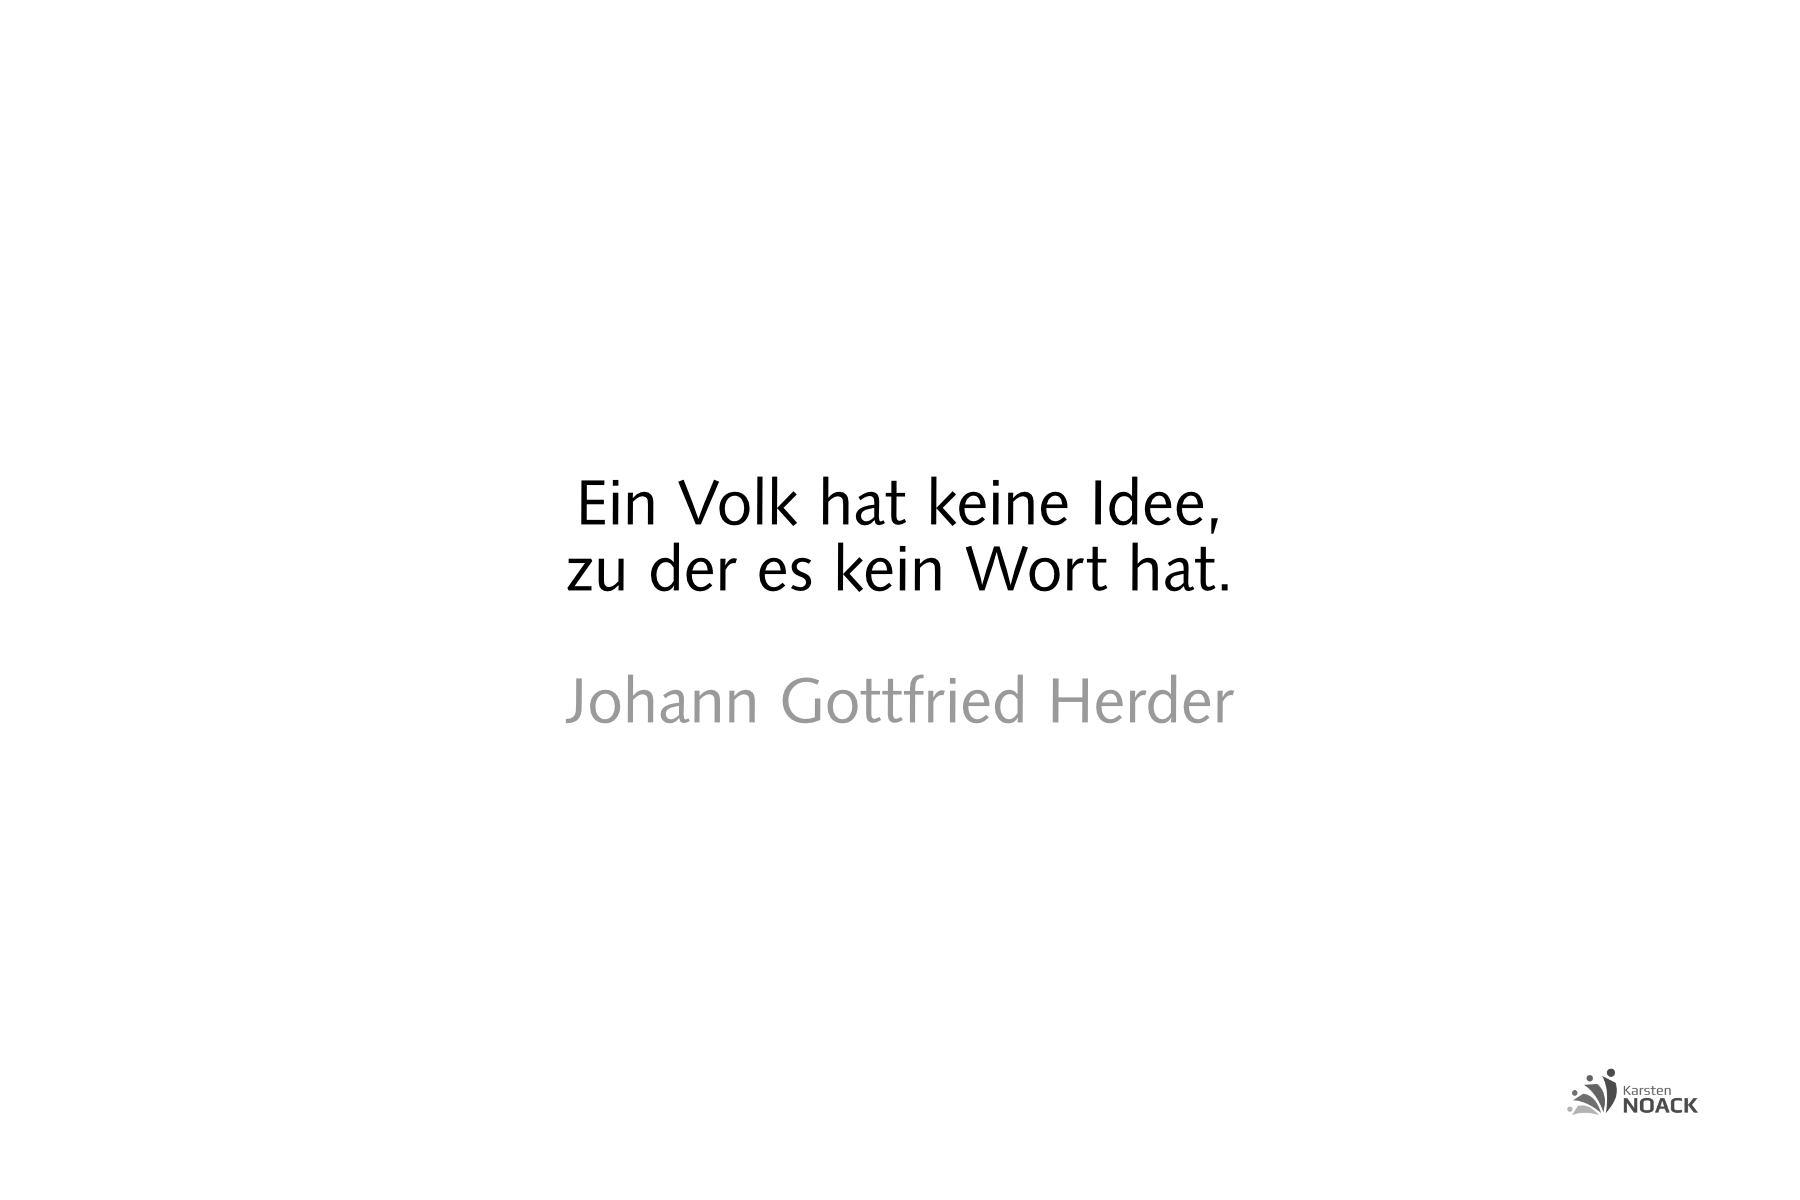 Ein Volk hat keine Idee, zu der es kein Wort hat. Johann Gottfried Herder (1744 - 1803)